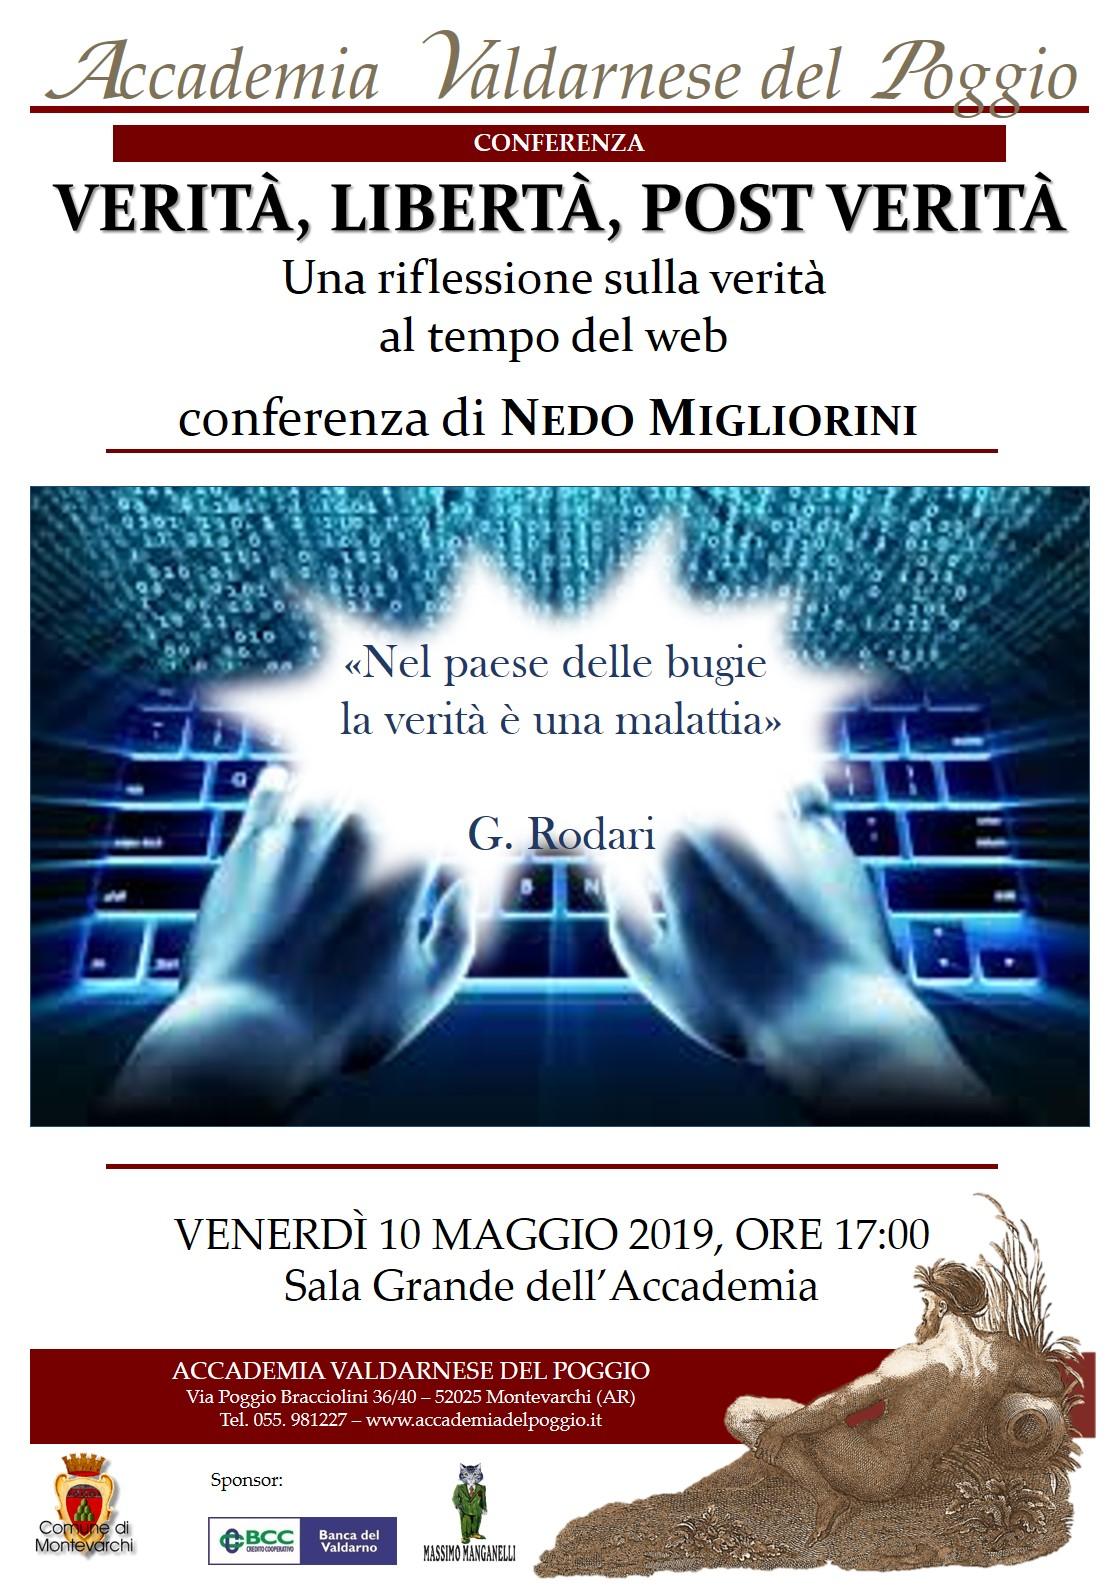 Conferenza Nedo Migliorini